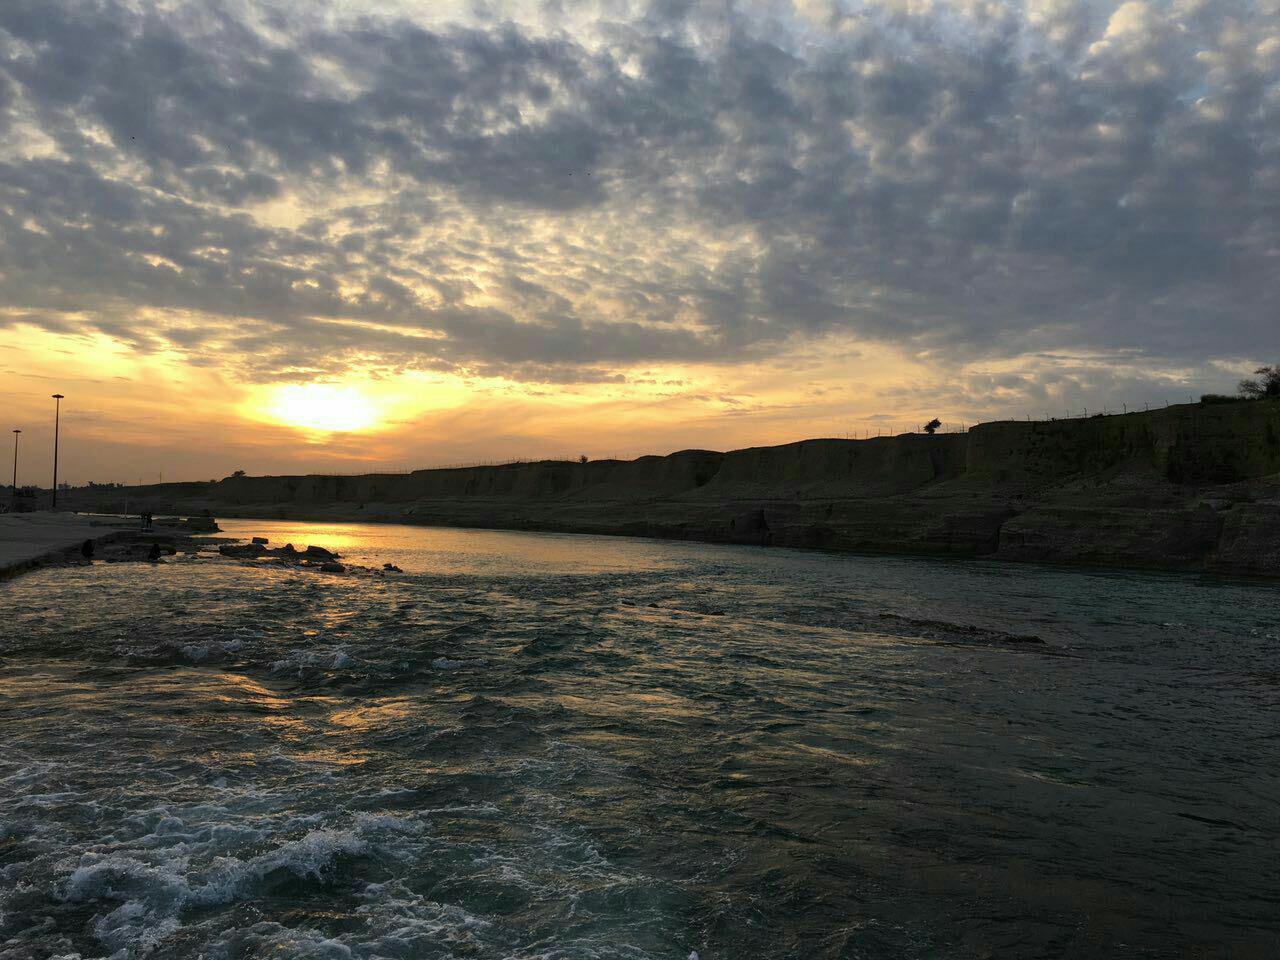 غروب زیبا رود دز